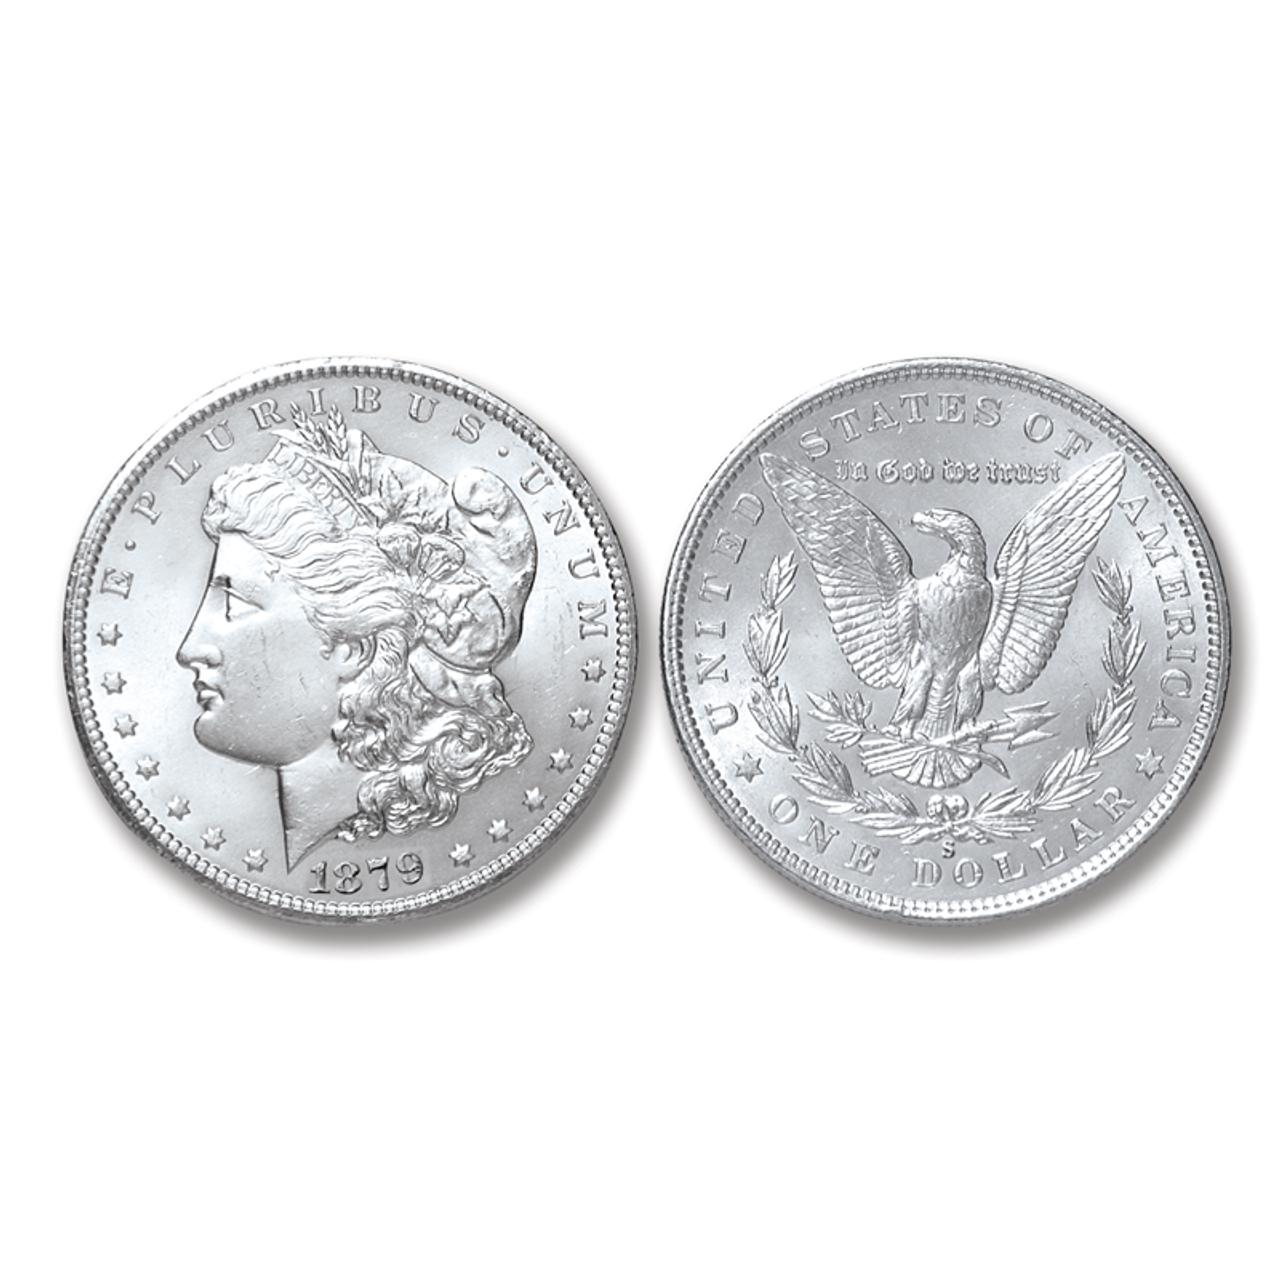 1879-S Morgan Silver Dollar - Brilliant Uncirculated Condition